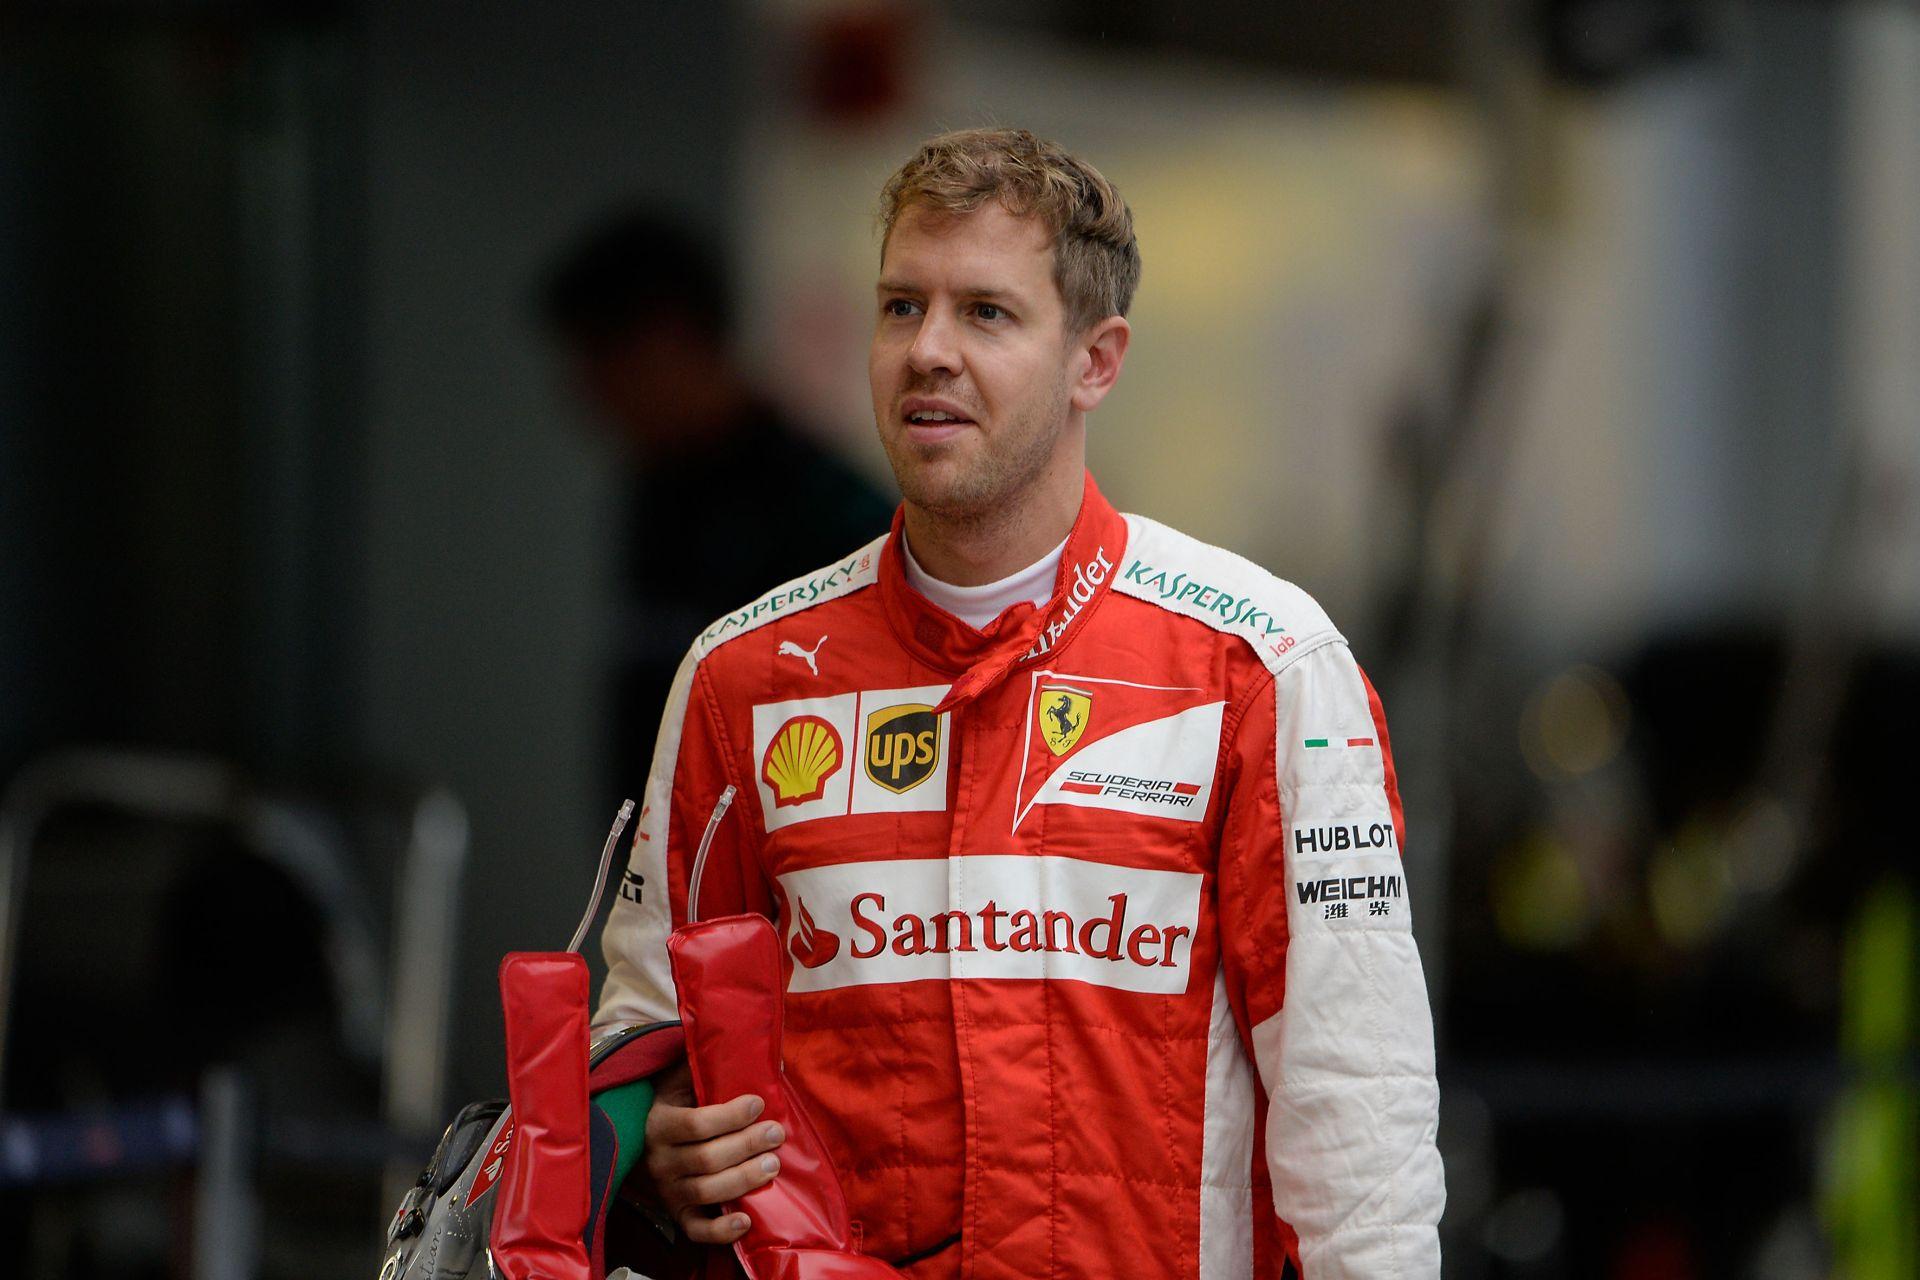 Így ütötte ki Vettel Hülkenberget a Bajnokok Tornáján